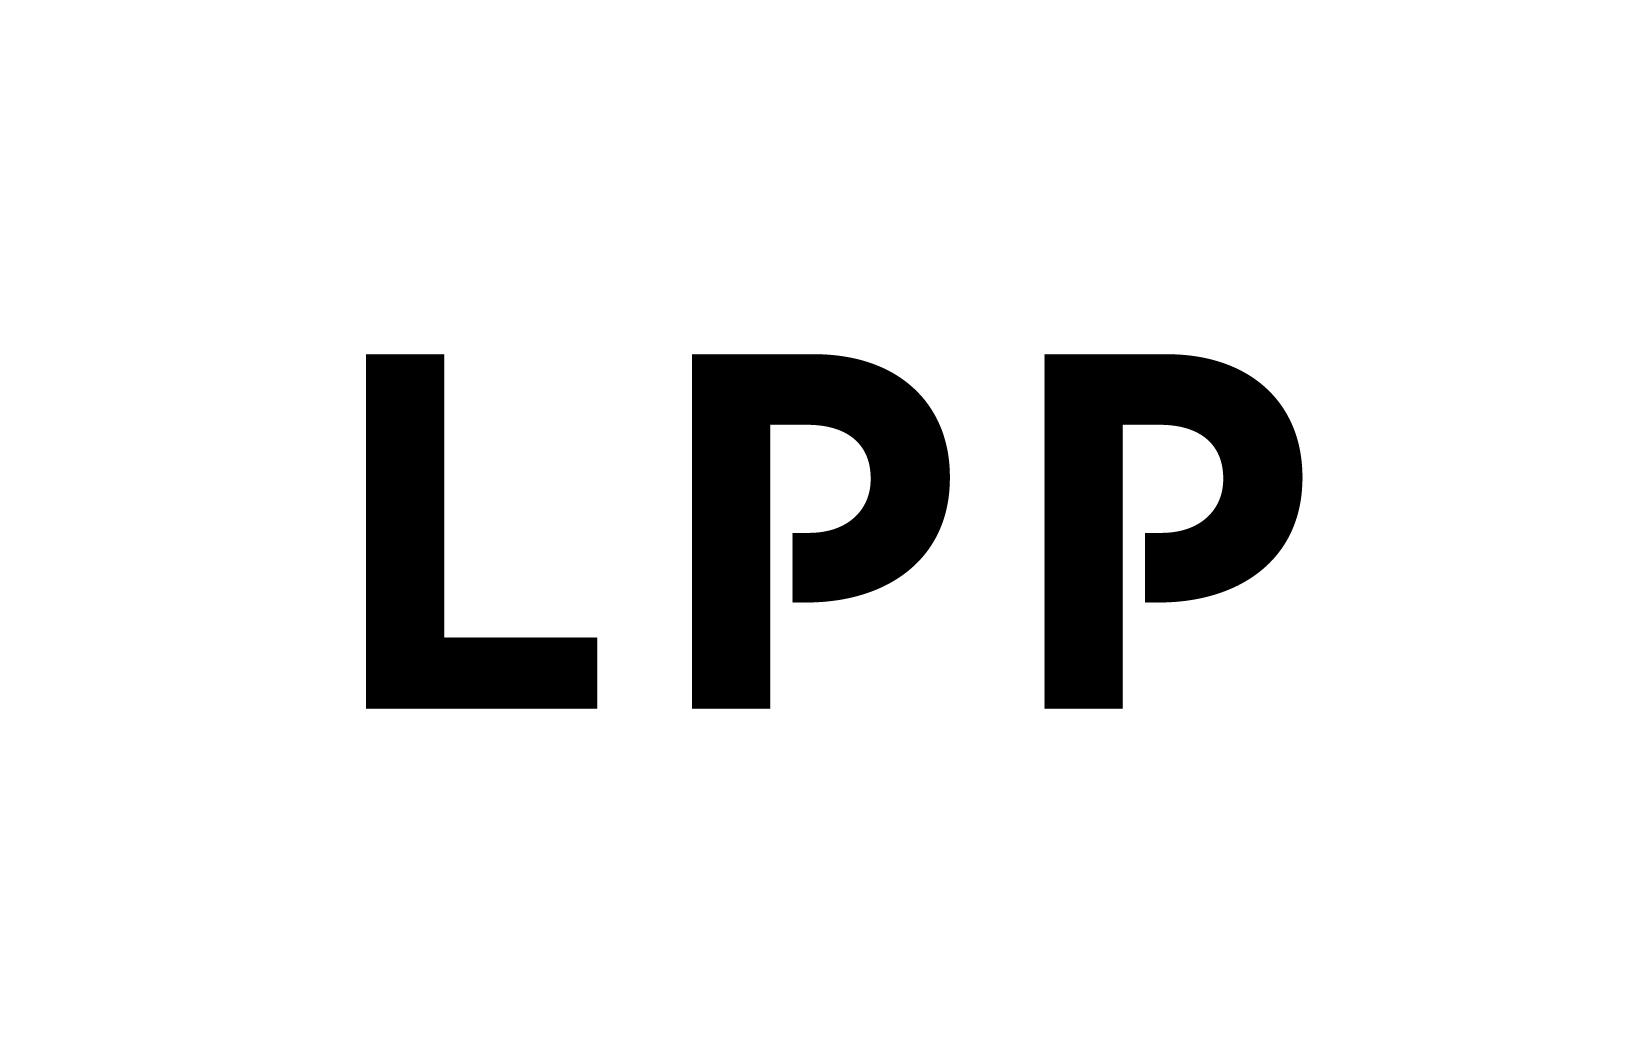 LPP LOGO RGB